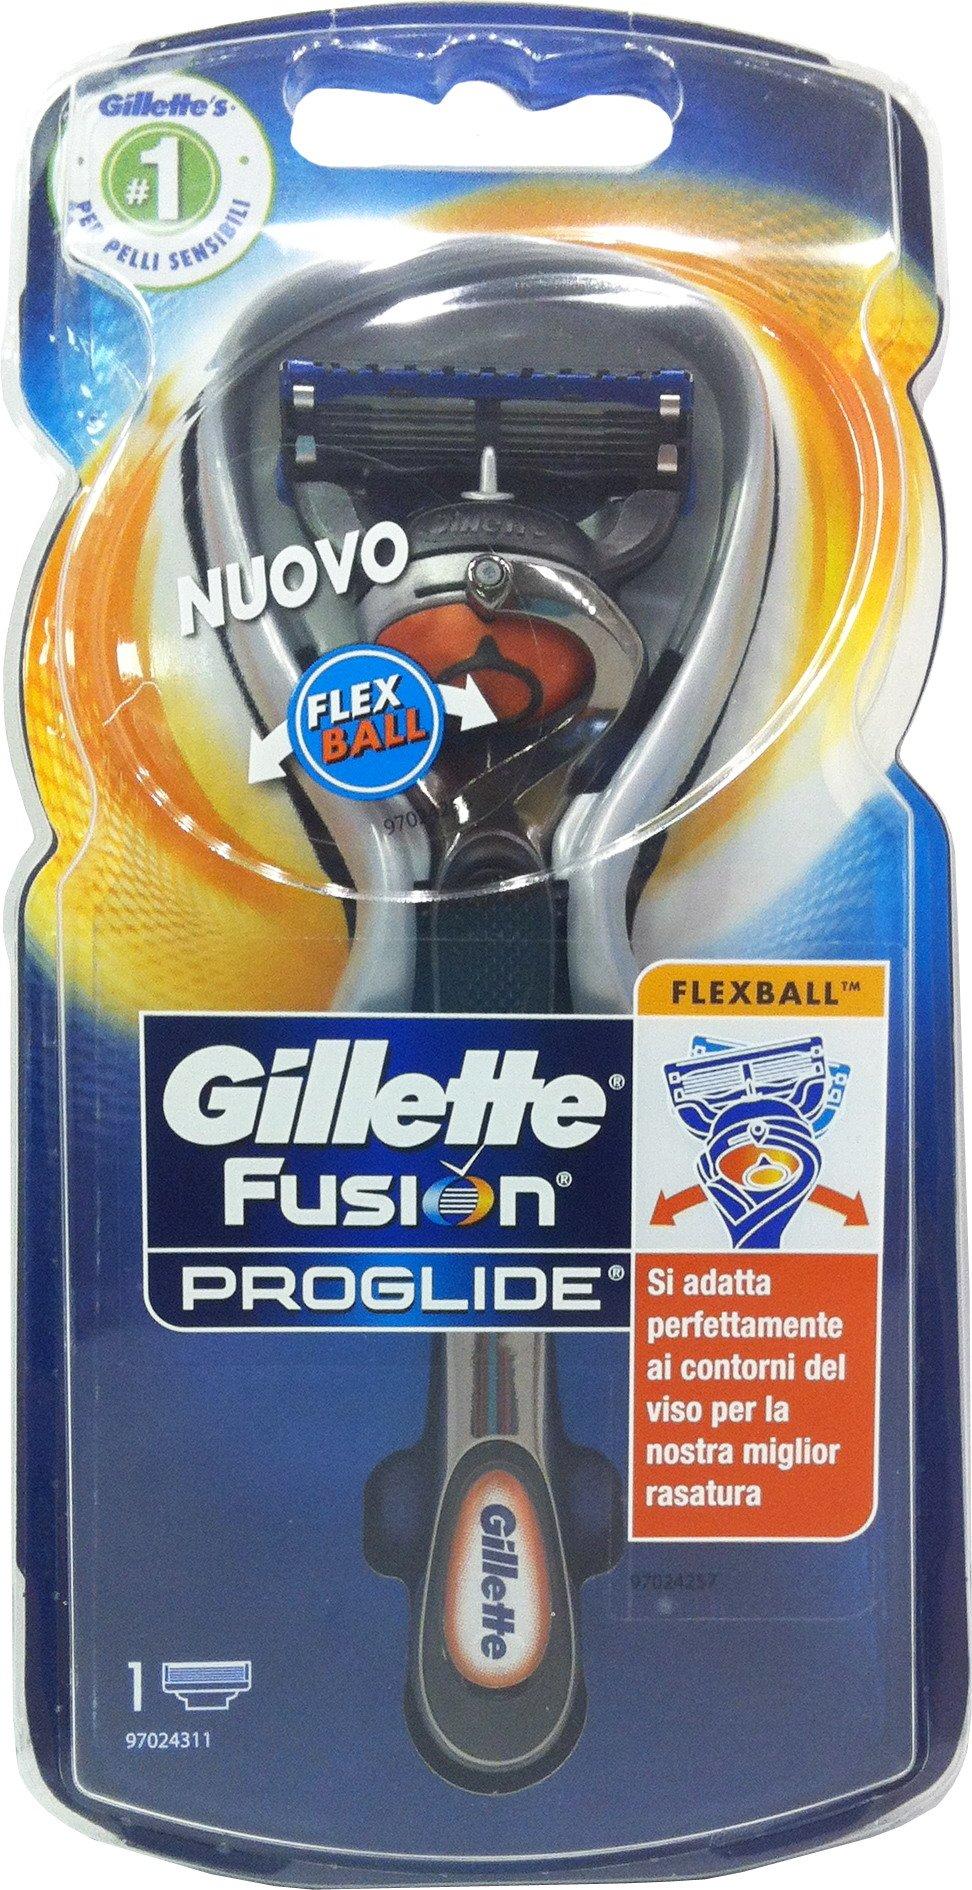 6 x GILLETTE Rasoio Fusion Flexball Proglide Manual Sistema